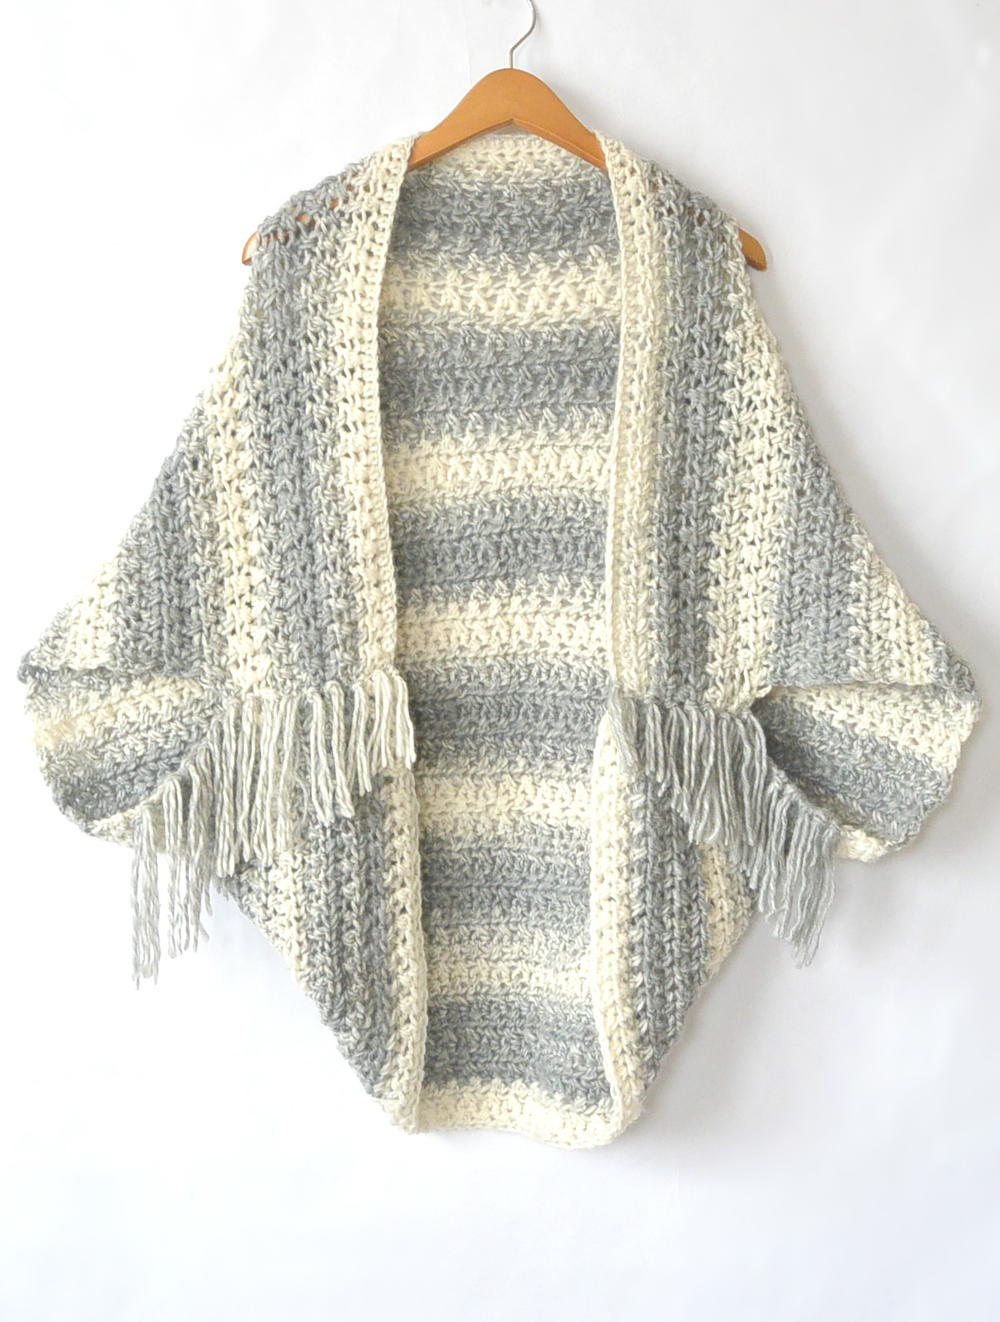 Easy Light Frost Crochet Blanket Sweater Shrug Allfreecrochet Com